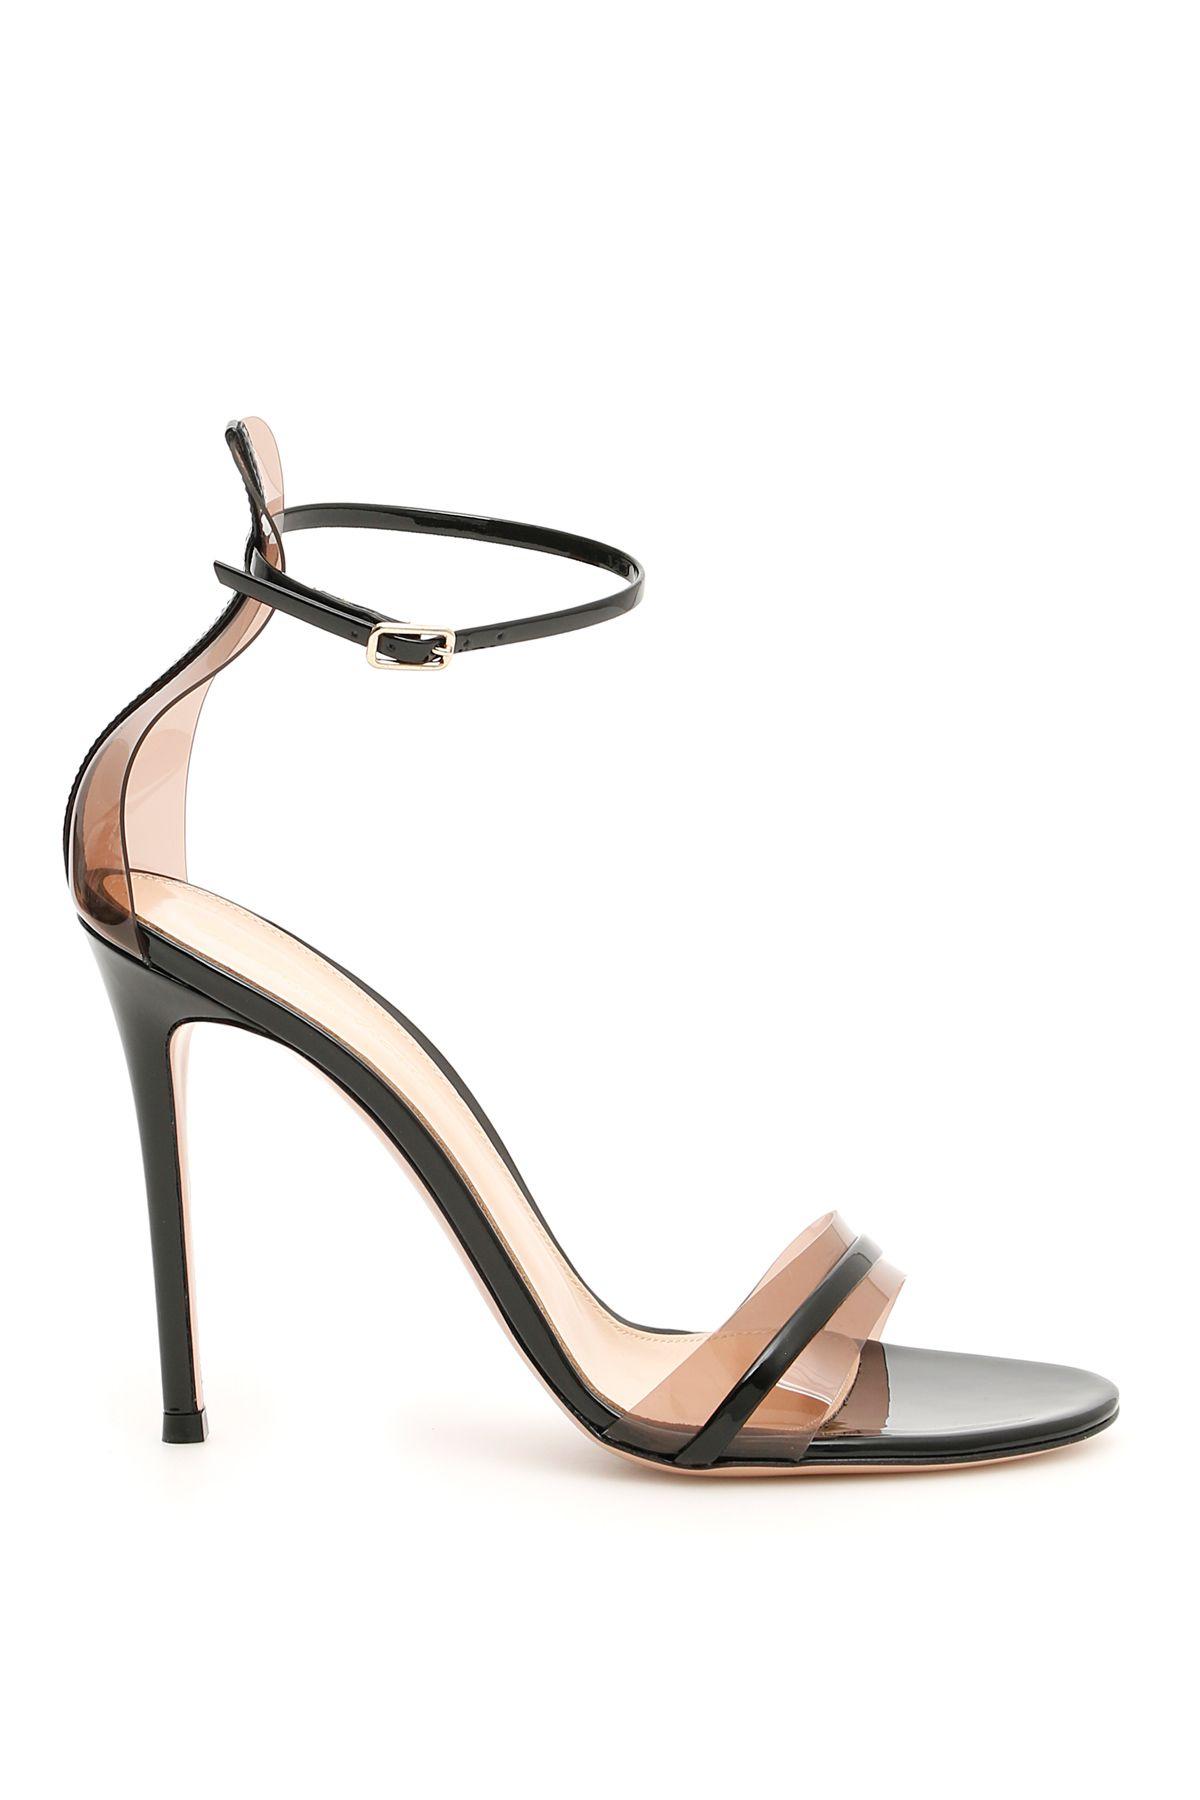 e1f15f174db Gianvito Rossi Gianvito Rossi G String 105 Sandals - BLACK BLUSH ...